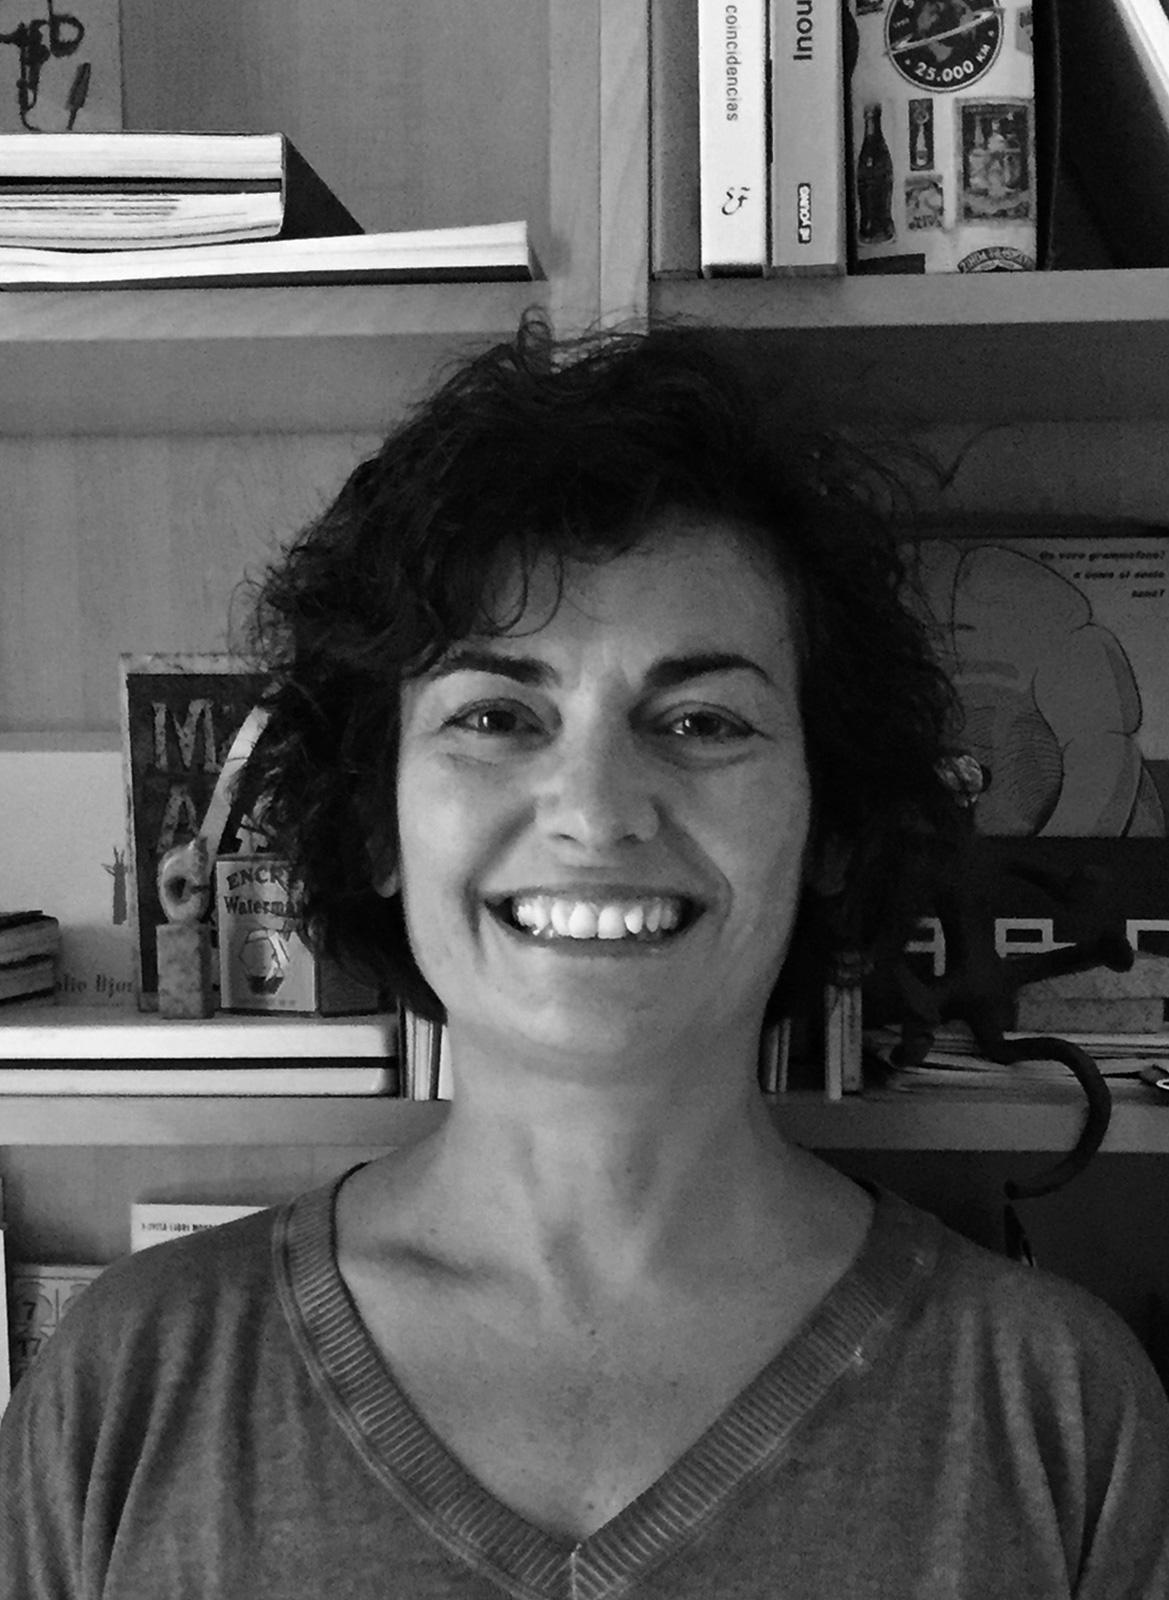 Carla Palladino